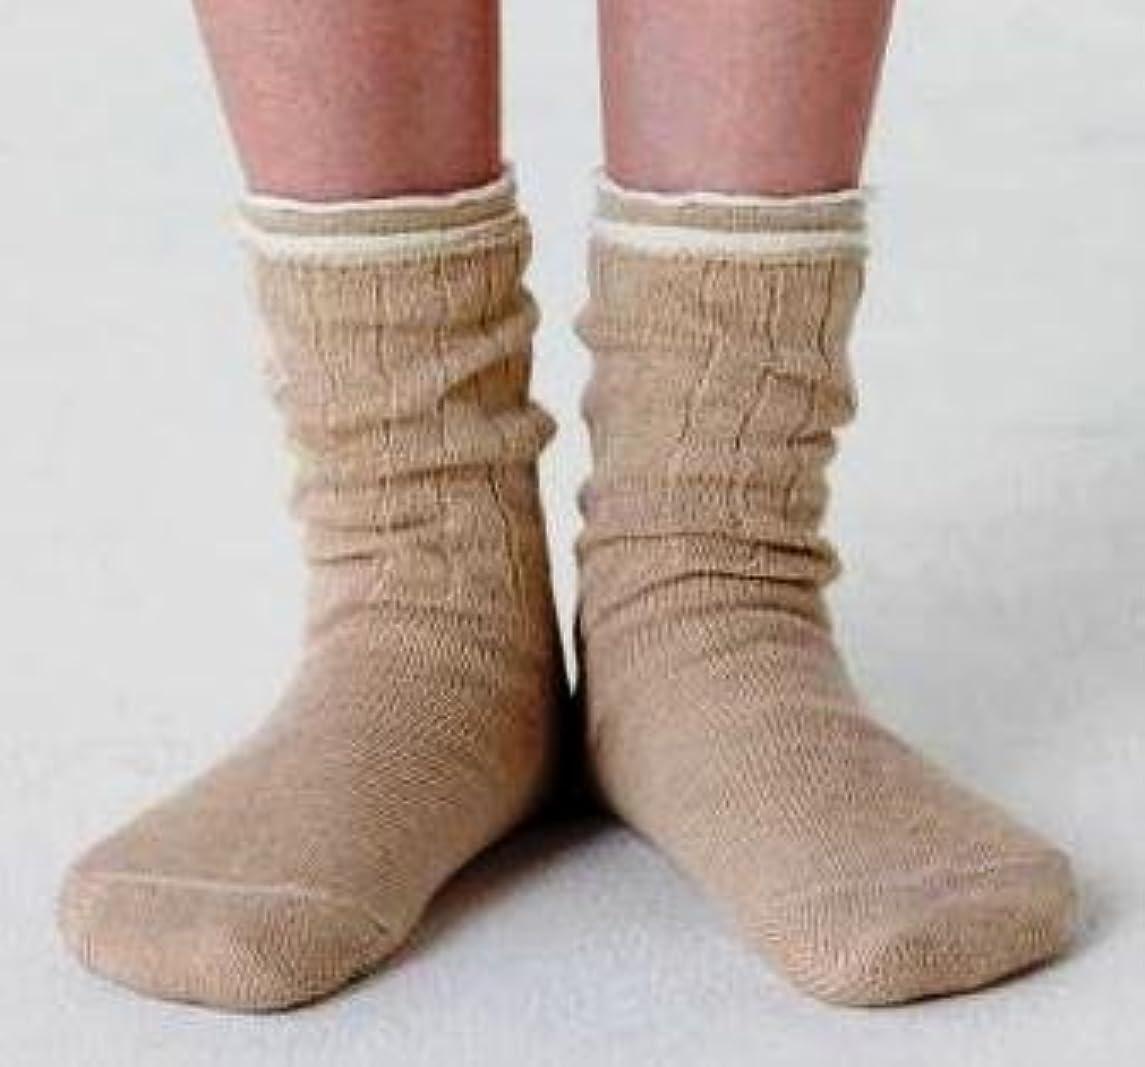 不満やむを得ない支店冷え取り靴下 4枚重ね履きソックス(絹?綿?絹?綿) サイズ:22~24.5cm